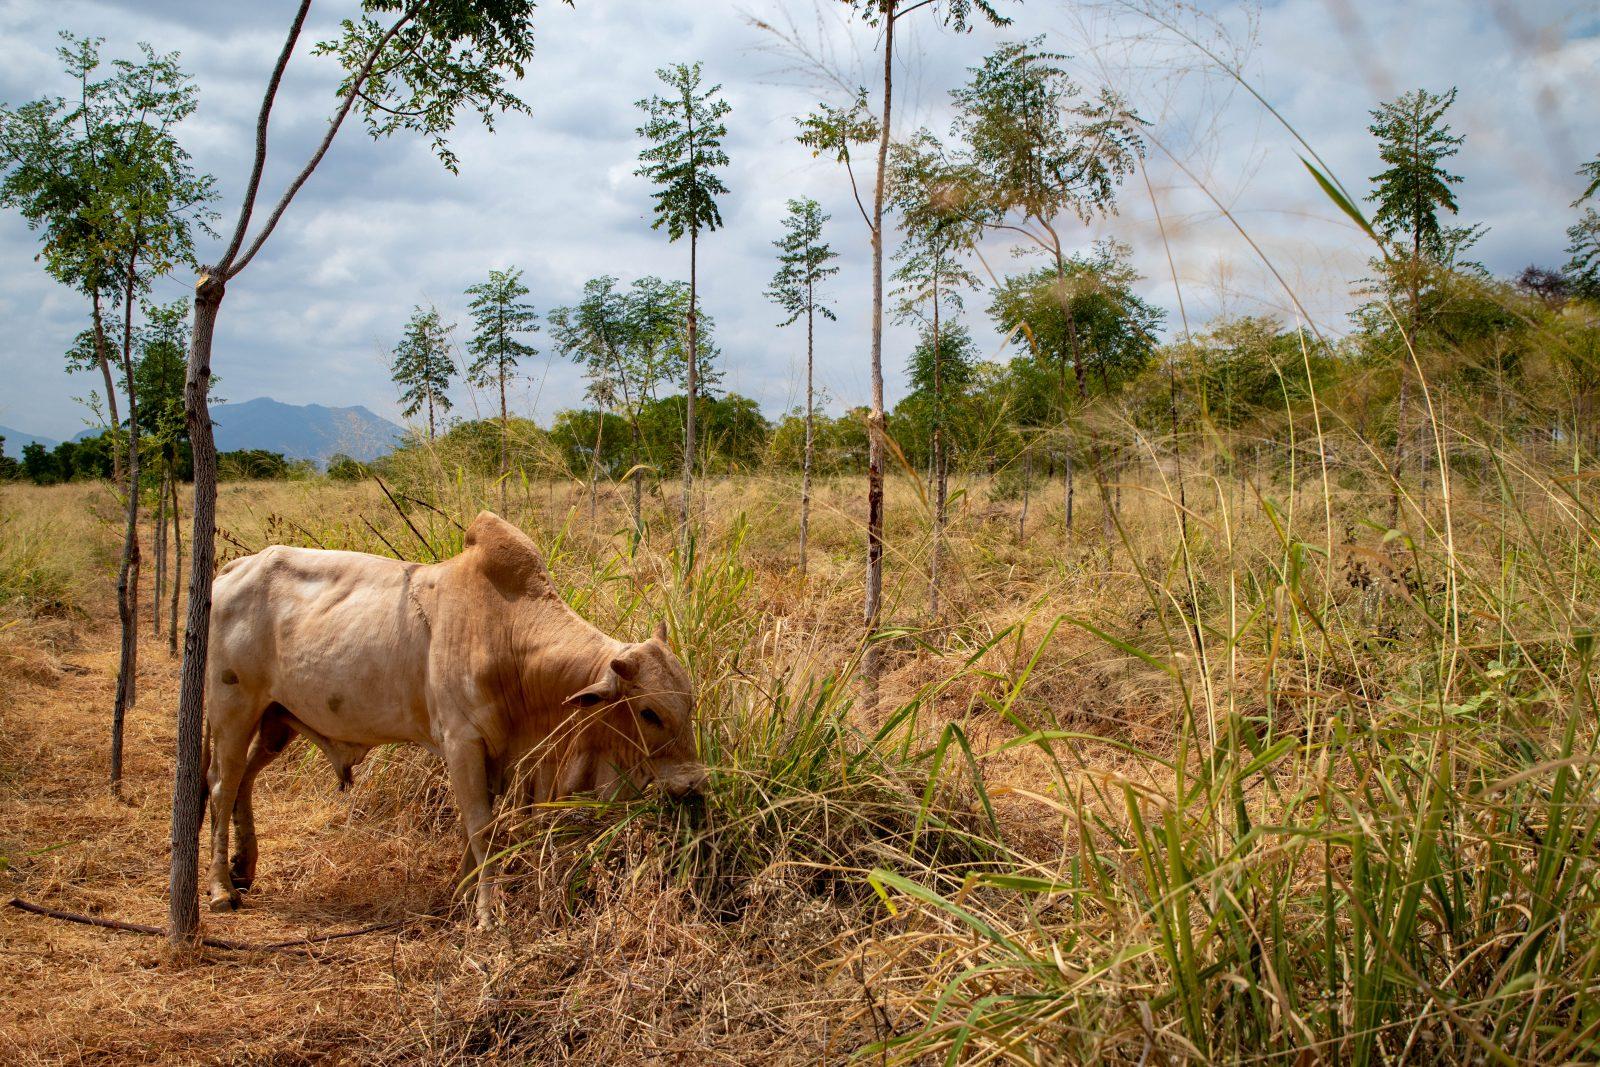 Alla jag intervjuade återkom till vikten av att man låter kor beta gräset mellan träden. Boskapen hade inte överlevt om bönderna inte fått gräs gratis från Better Globe.